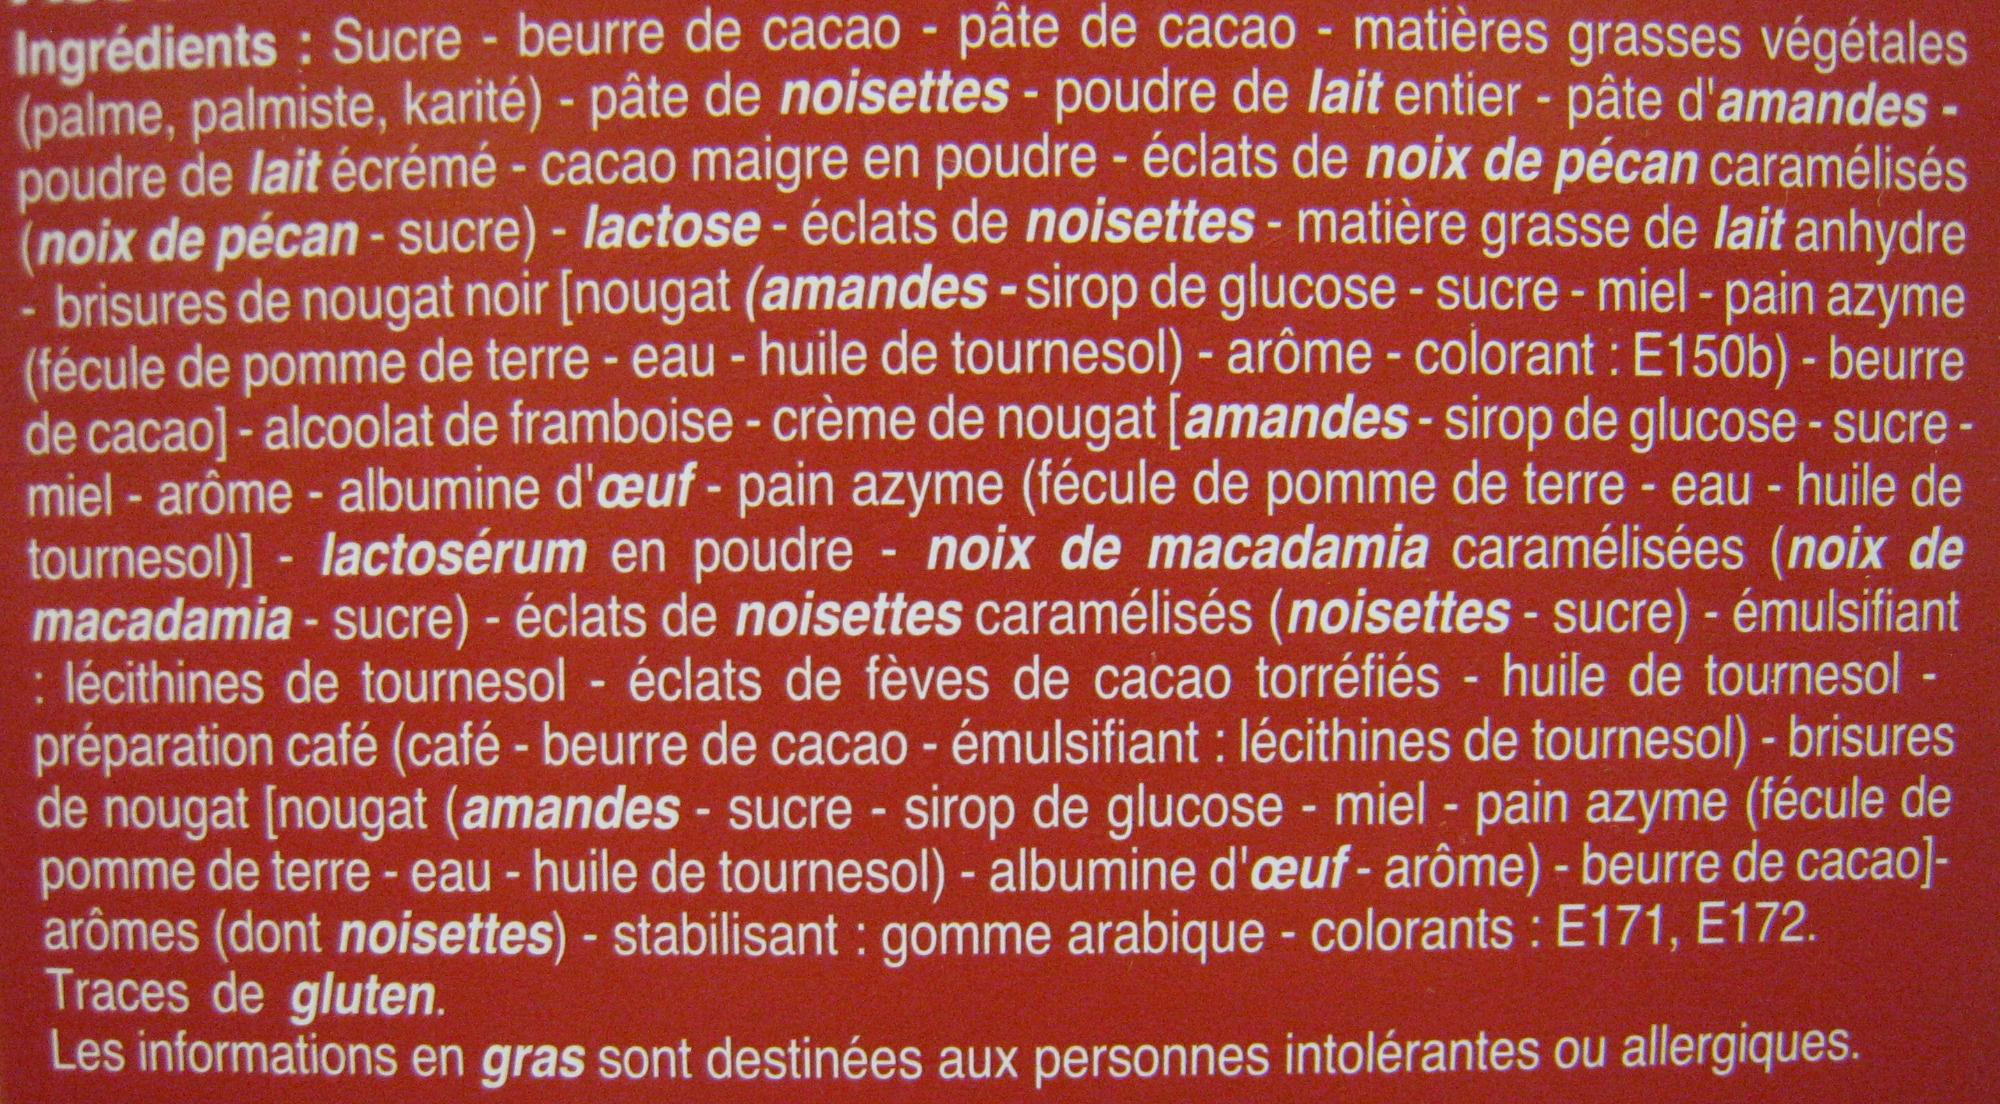 Rêves de chocolat Assortiment de luxe Beaumesnil - Ingrédients